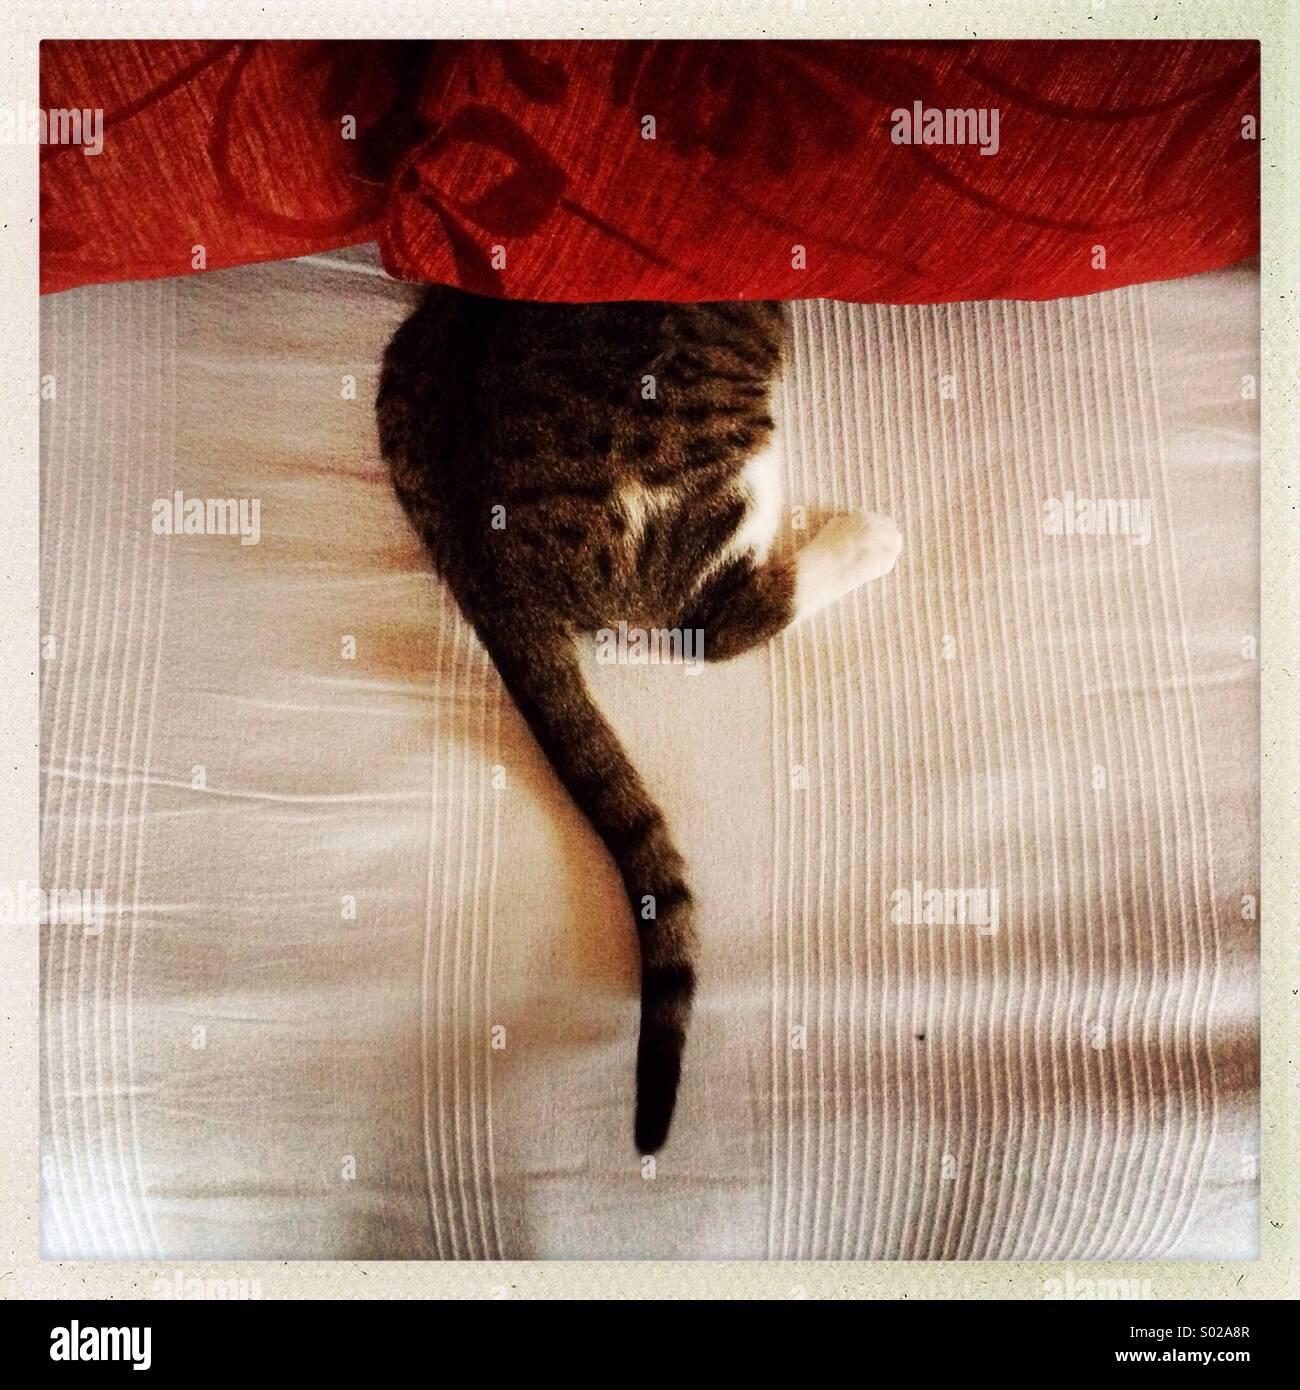 Es un gato visto intentando ocultar bajo cama almohadas. Imagen De Stock